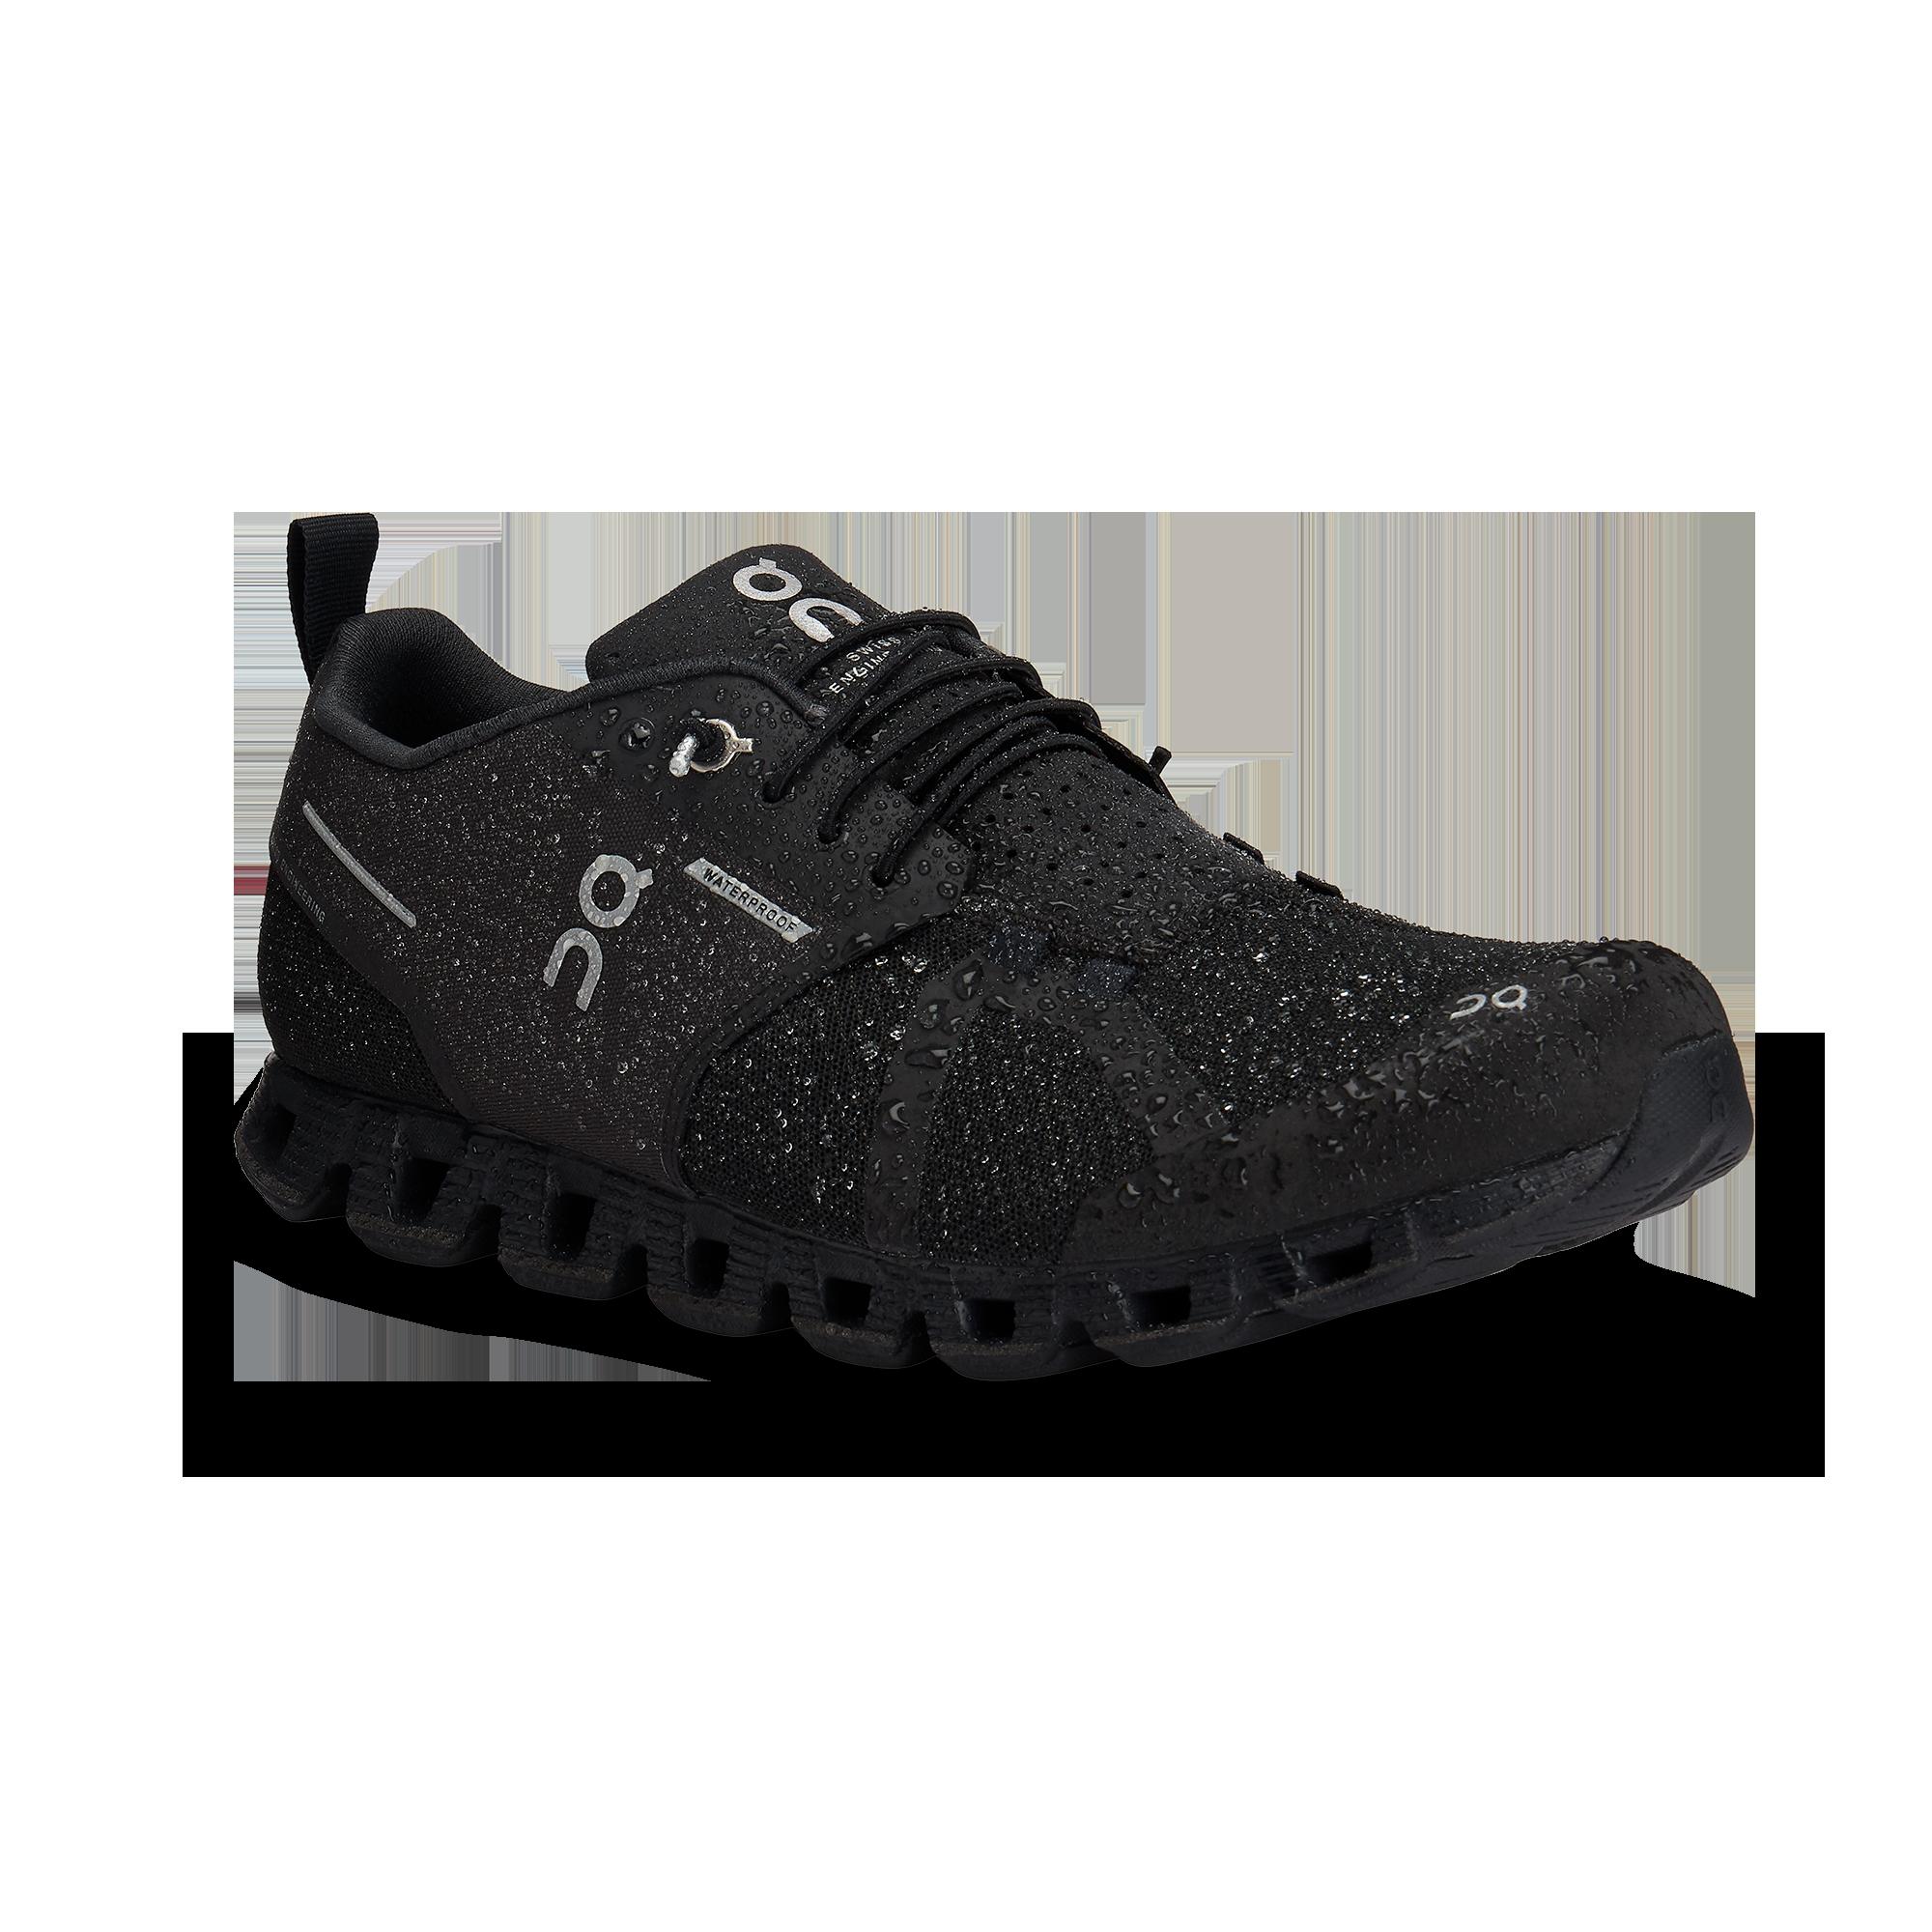 waterproof on cloud shoes